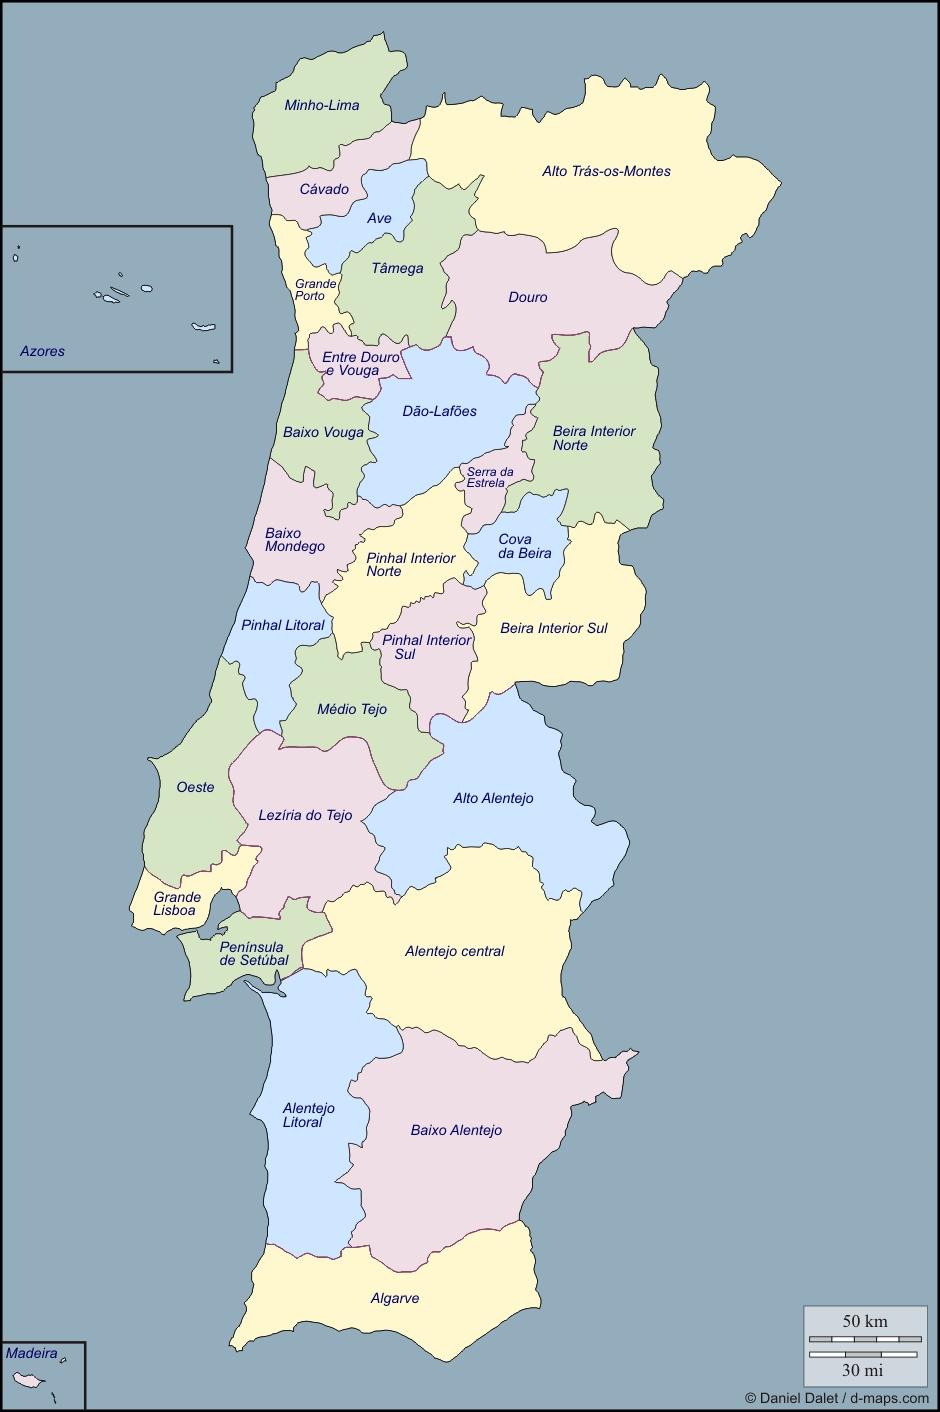 División política de portugal